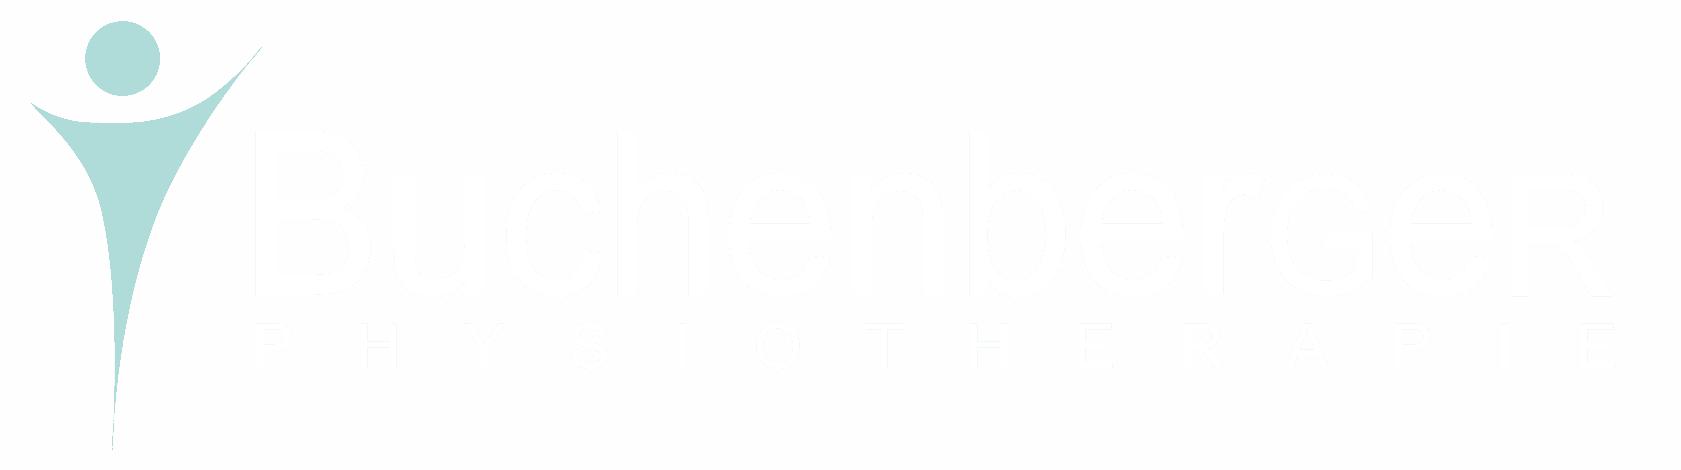 Physiotherapie Und Krankengymnastik Buchenberger Weilheim Logo